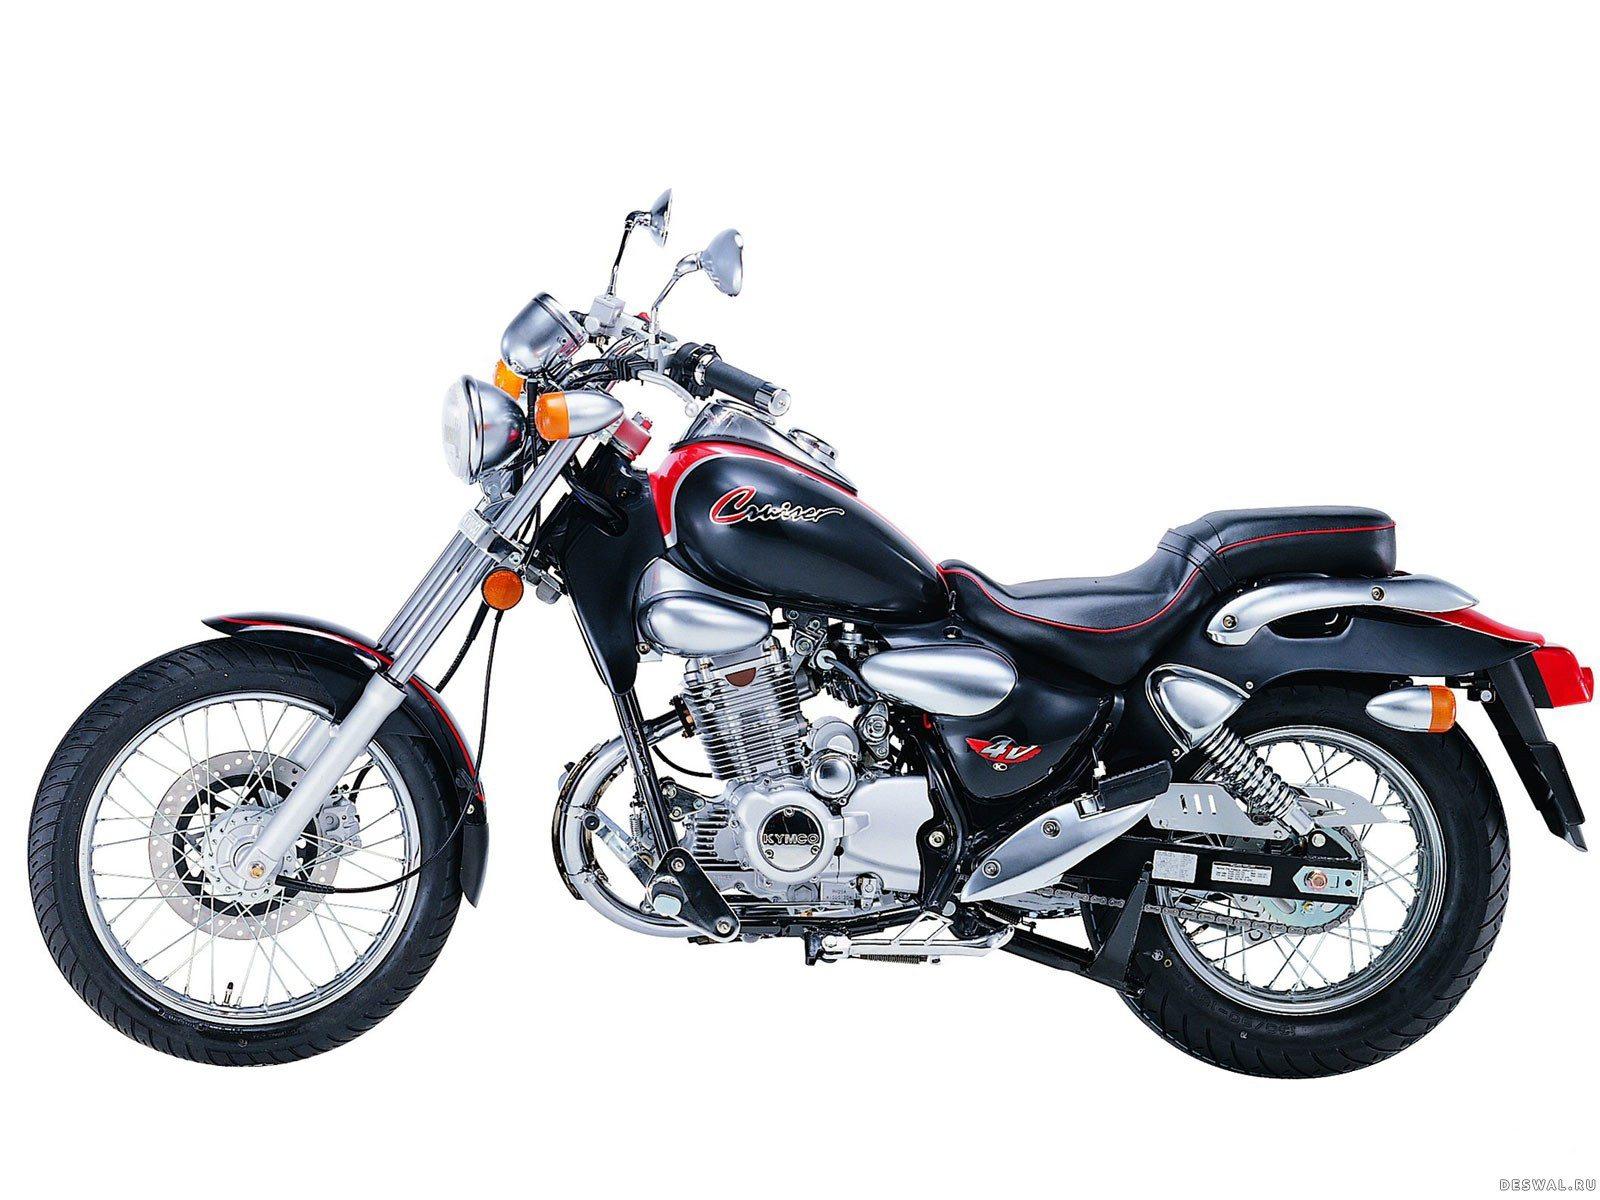 Мотоцикл Kymco на классной картинке. Нажмите на картинку с обоями мотоцикла kymco, чтобы просмотреть ее в реальном размере